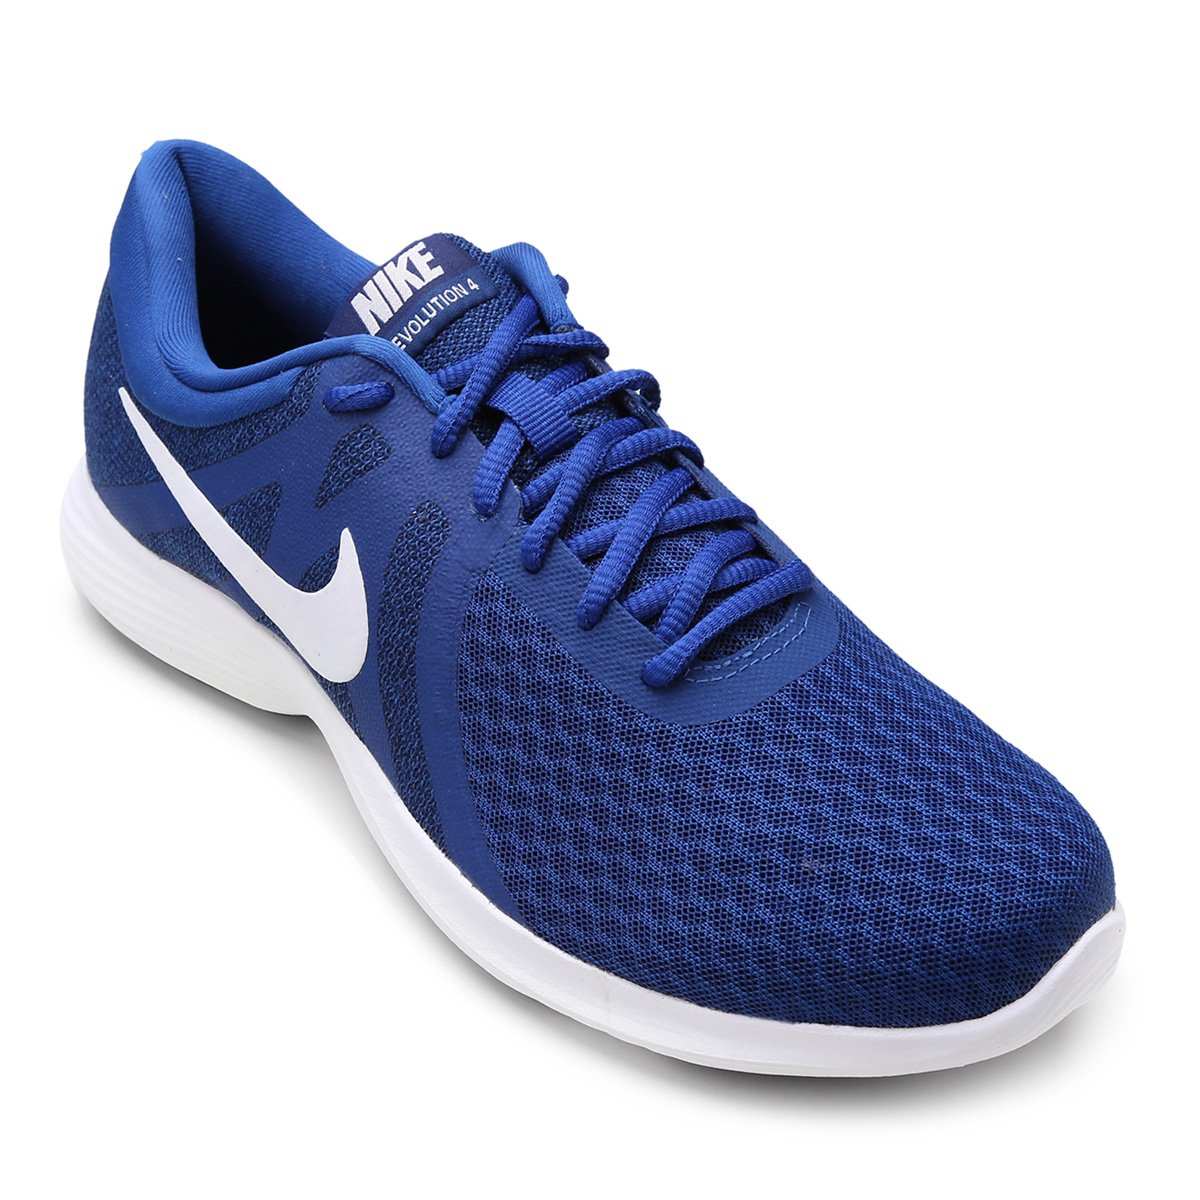 76096c91598 Tênis Nike Revolution 4 Masculino - Azul - Compre Agora